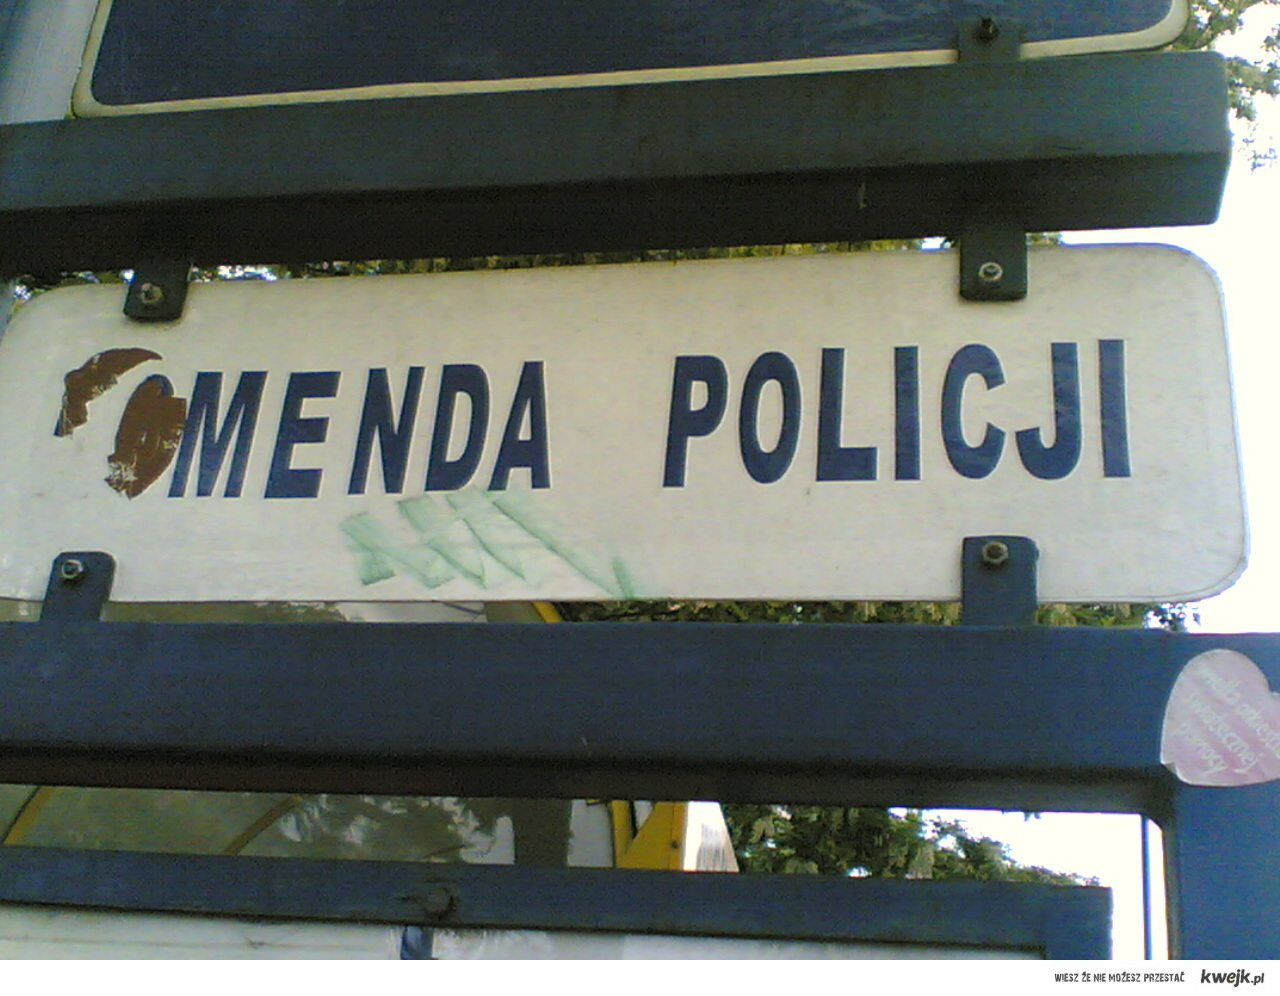 menda policji